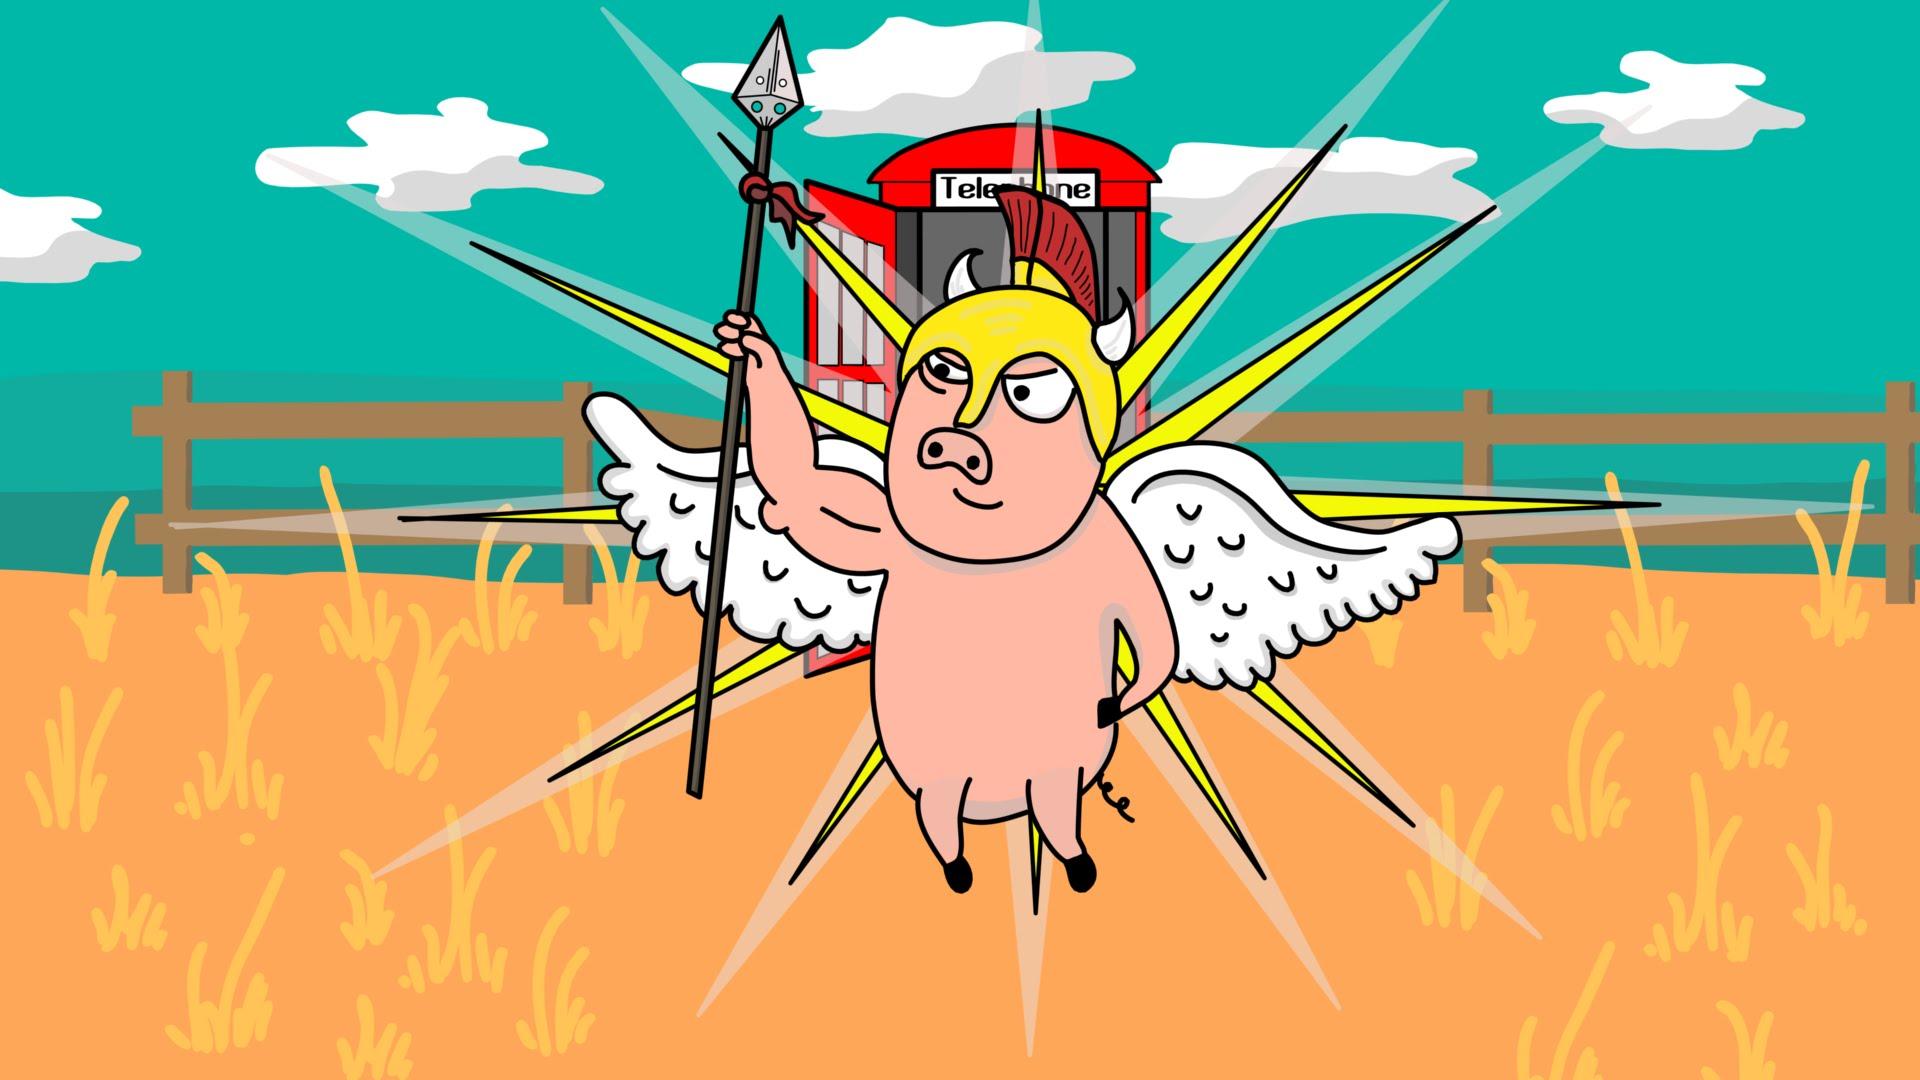 Gladiator clipart animated Animation Gladiator Pig YouTube Gladiator